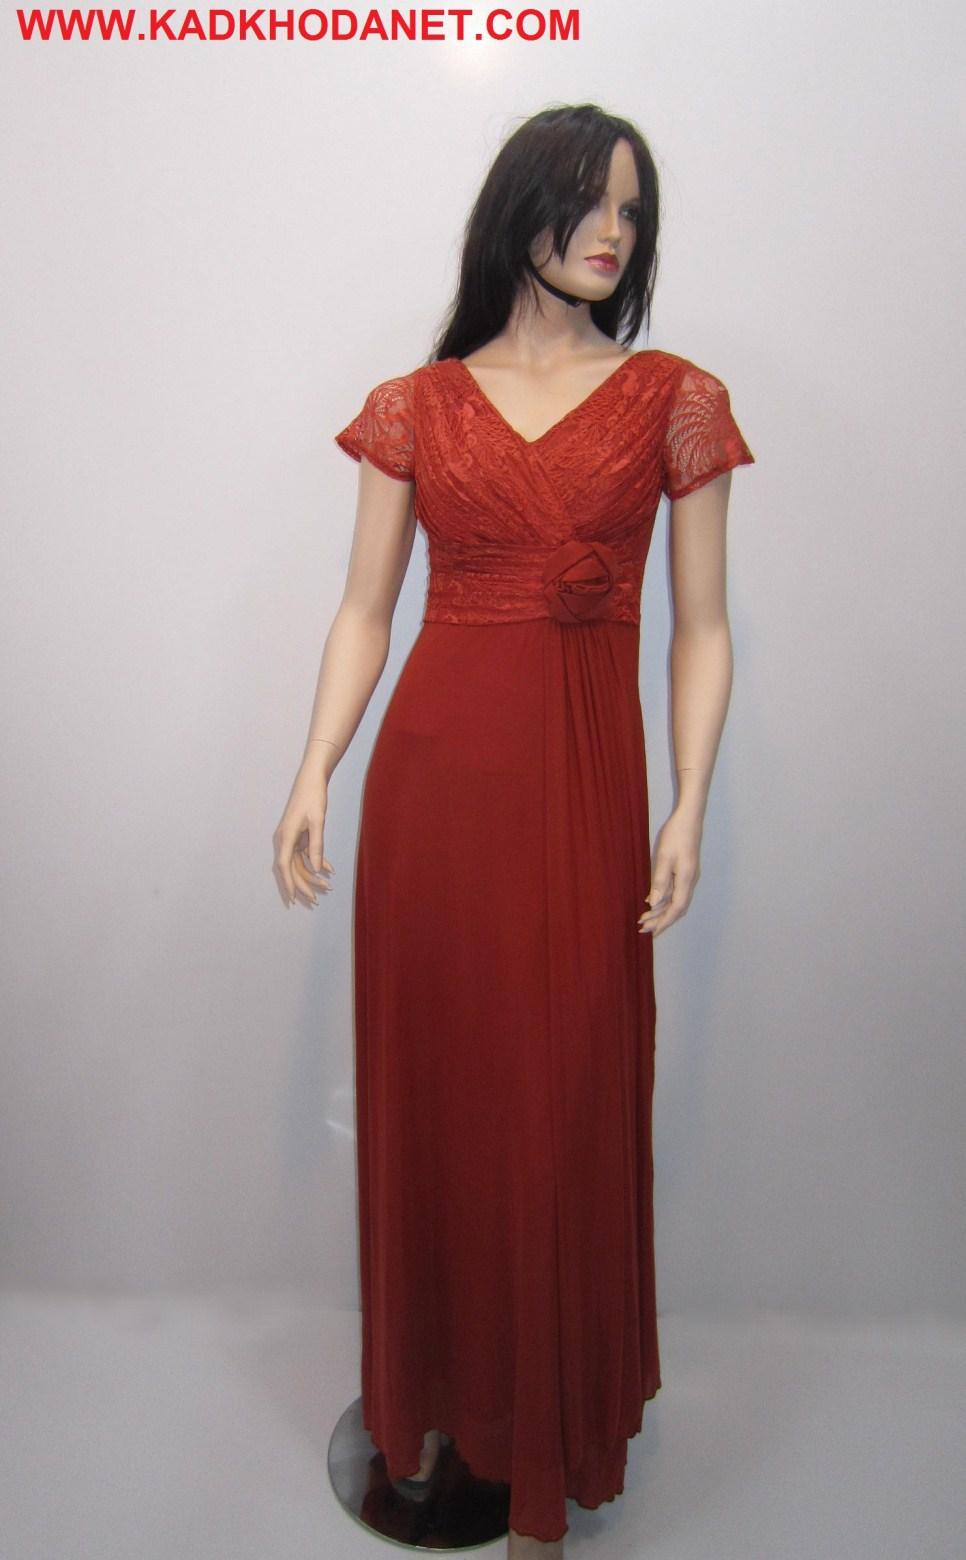 خرید اینترنتی لباس زنانه